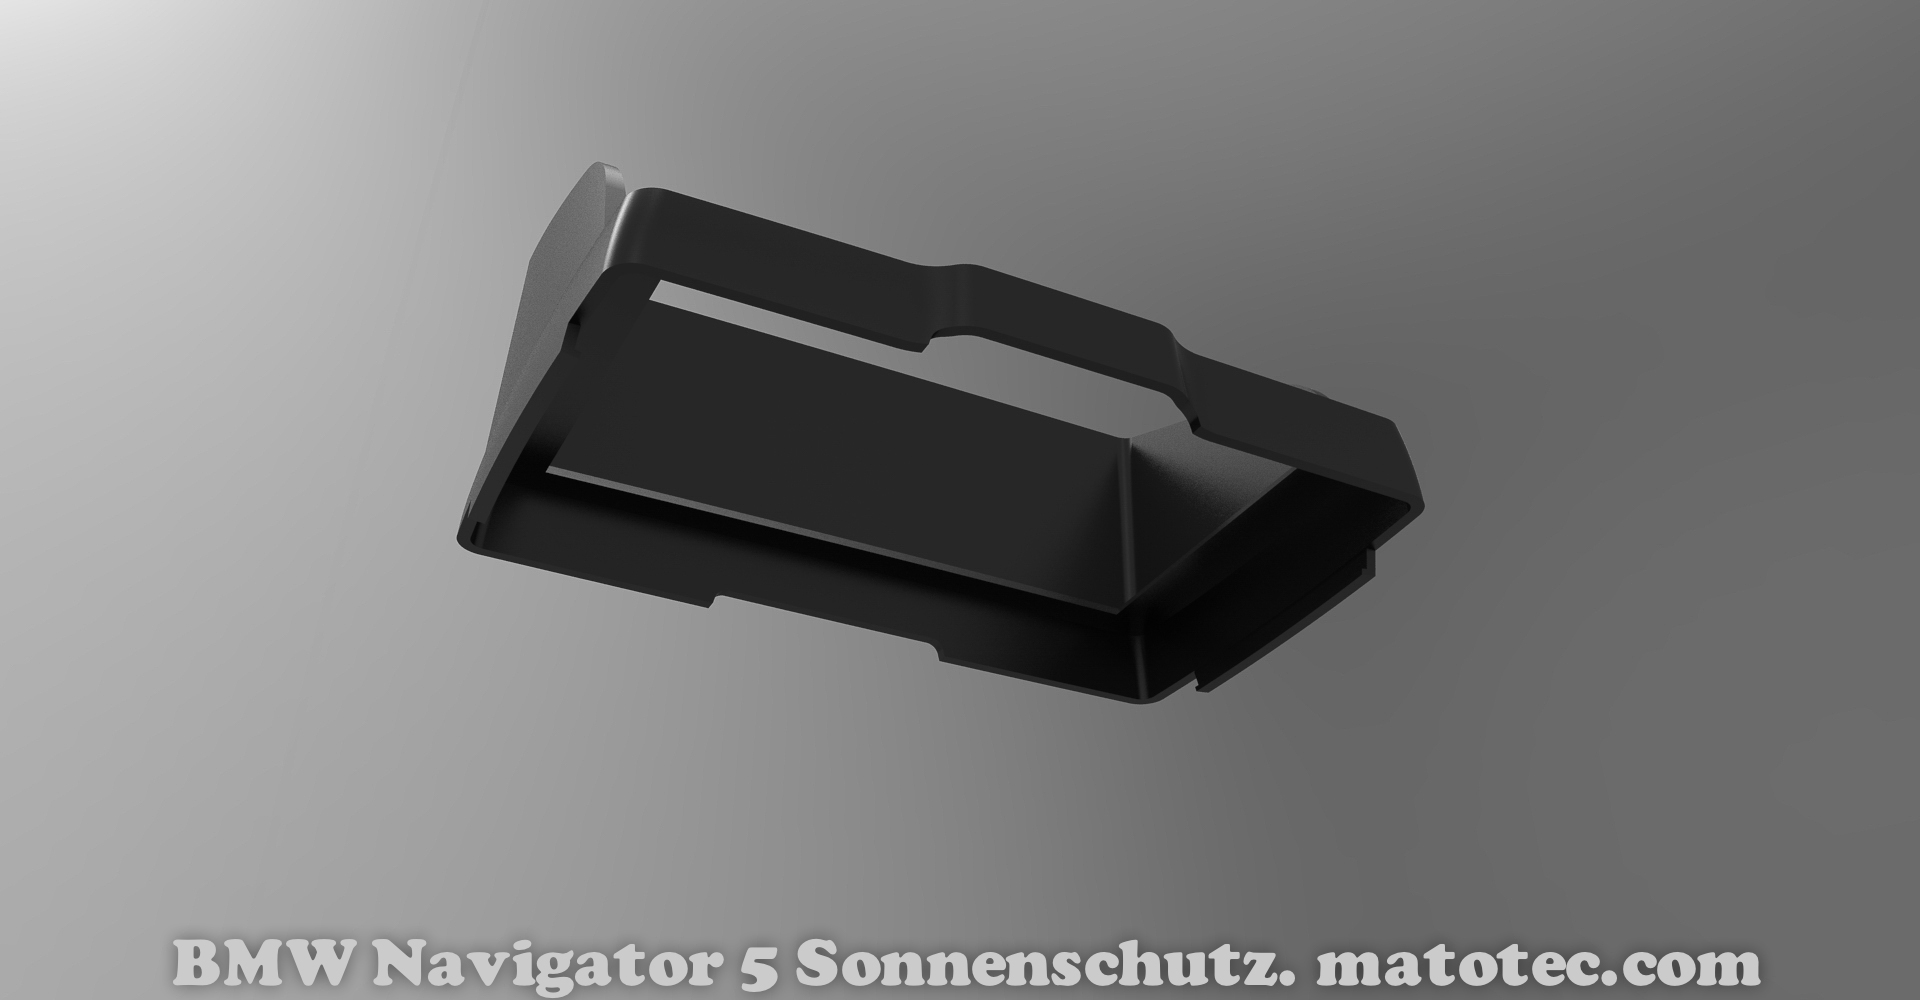 Klicke auf die Grafik für eine größere Ansicht  Name:Matotec_BMW_Nav5_7.jpg Hits:408 Größe:260,7 KB ID:185093